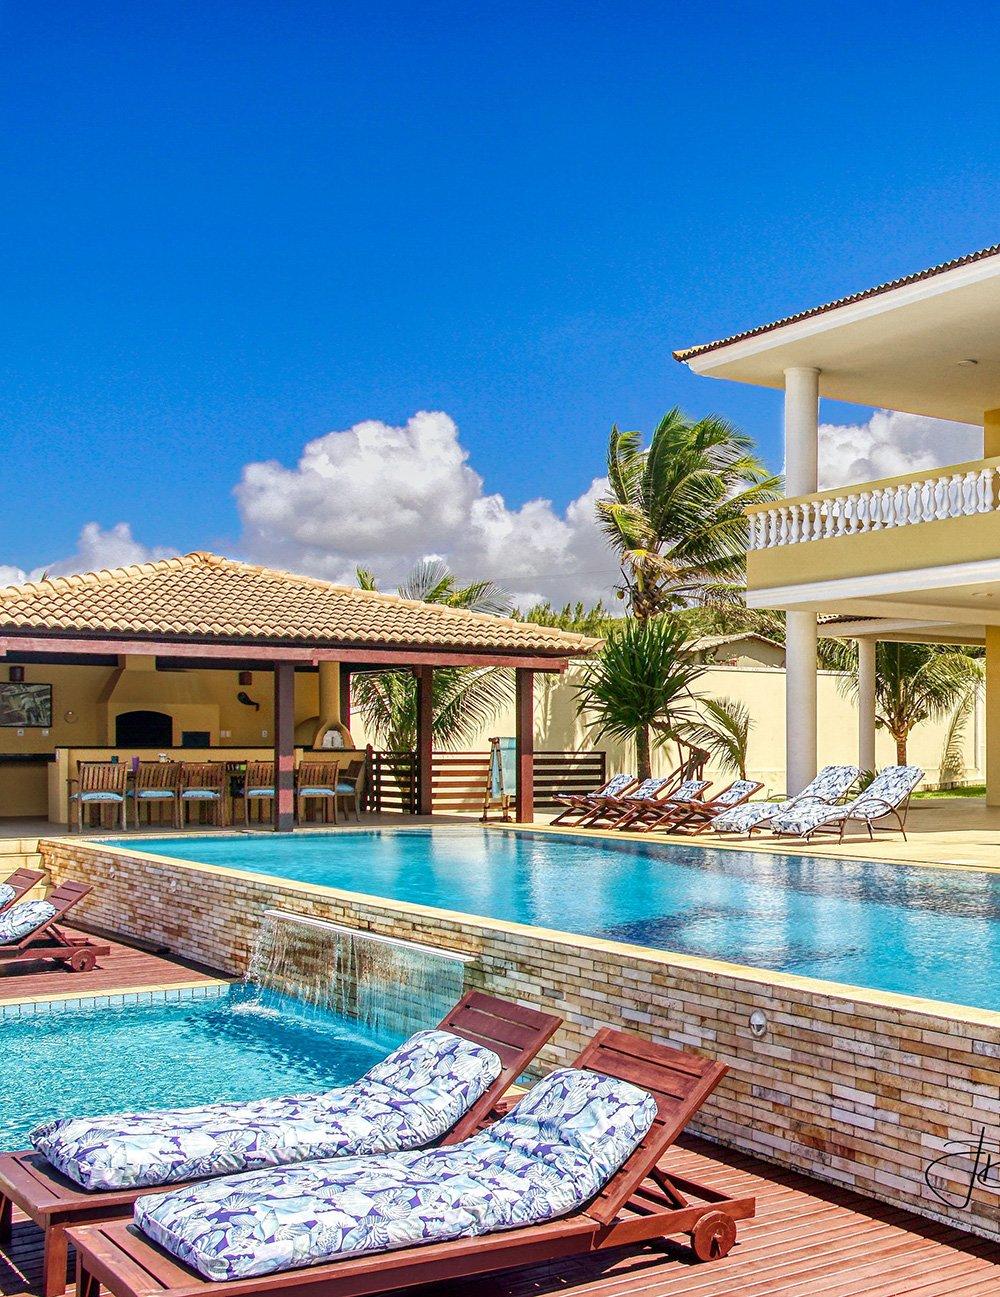 Casa-de-praia-para-alugar_piscina